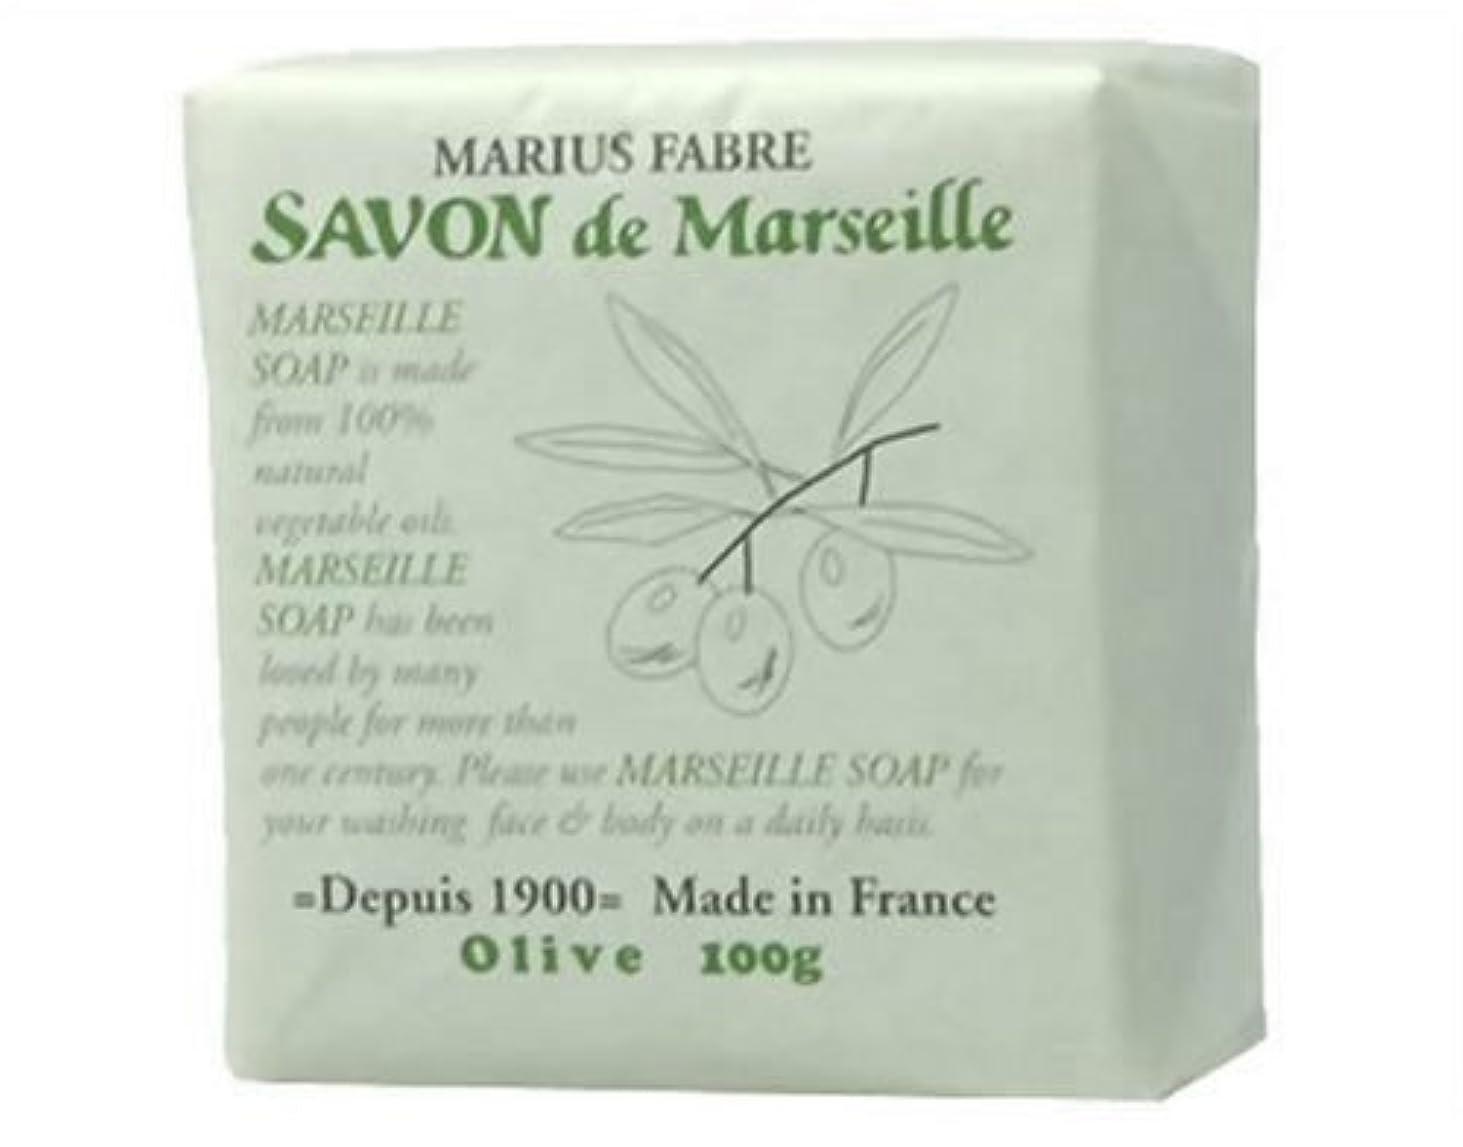 追加ベーカリー機動サボン ド マルセイユ オリーブ 100g